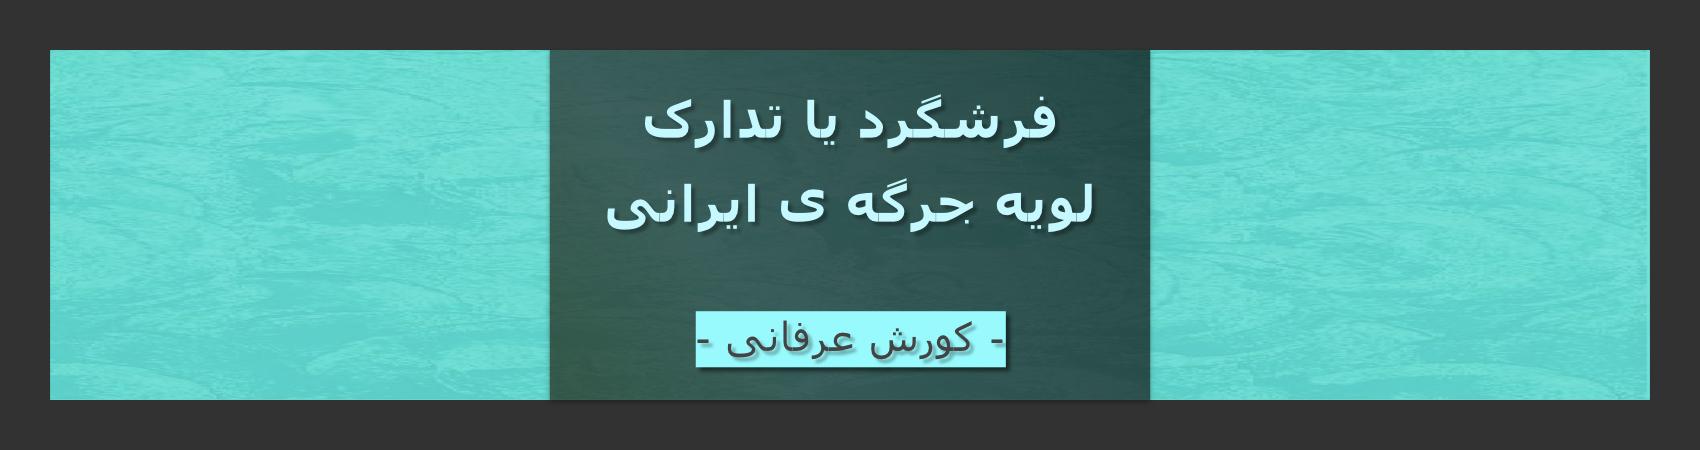 فرشگرد یا تدارک لویه جرگهی ایرانی